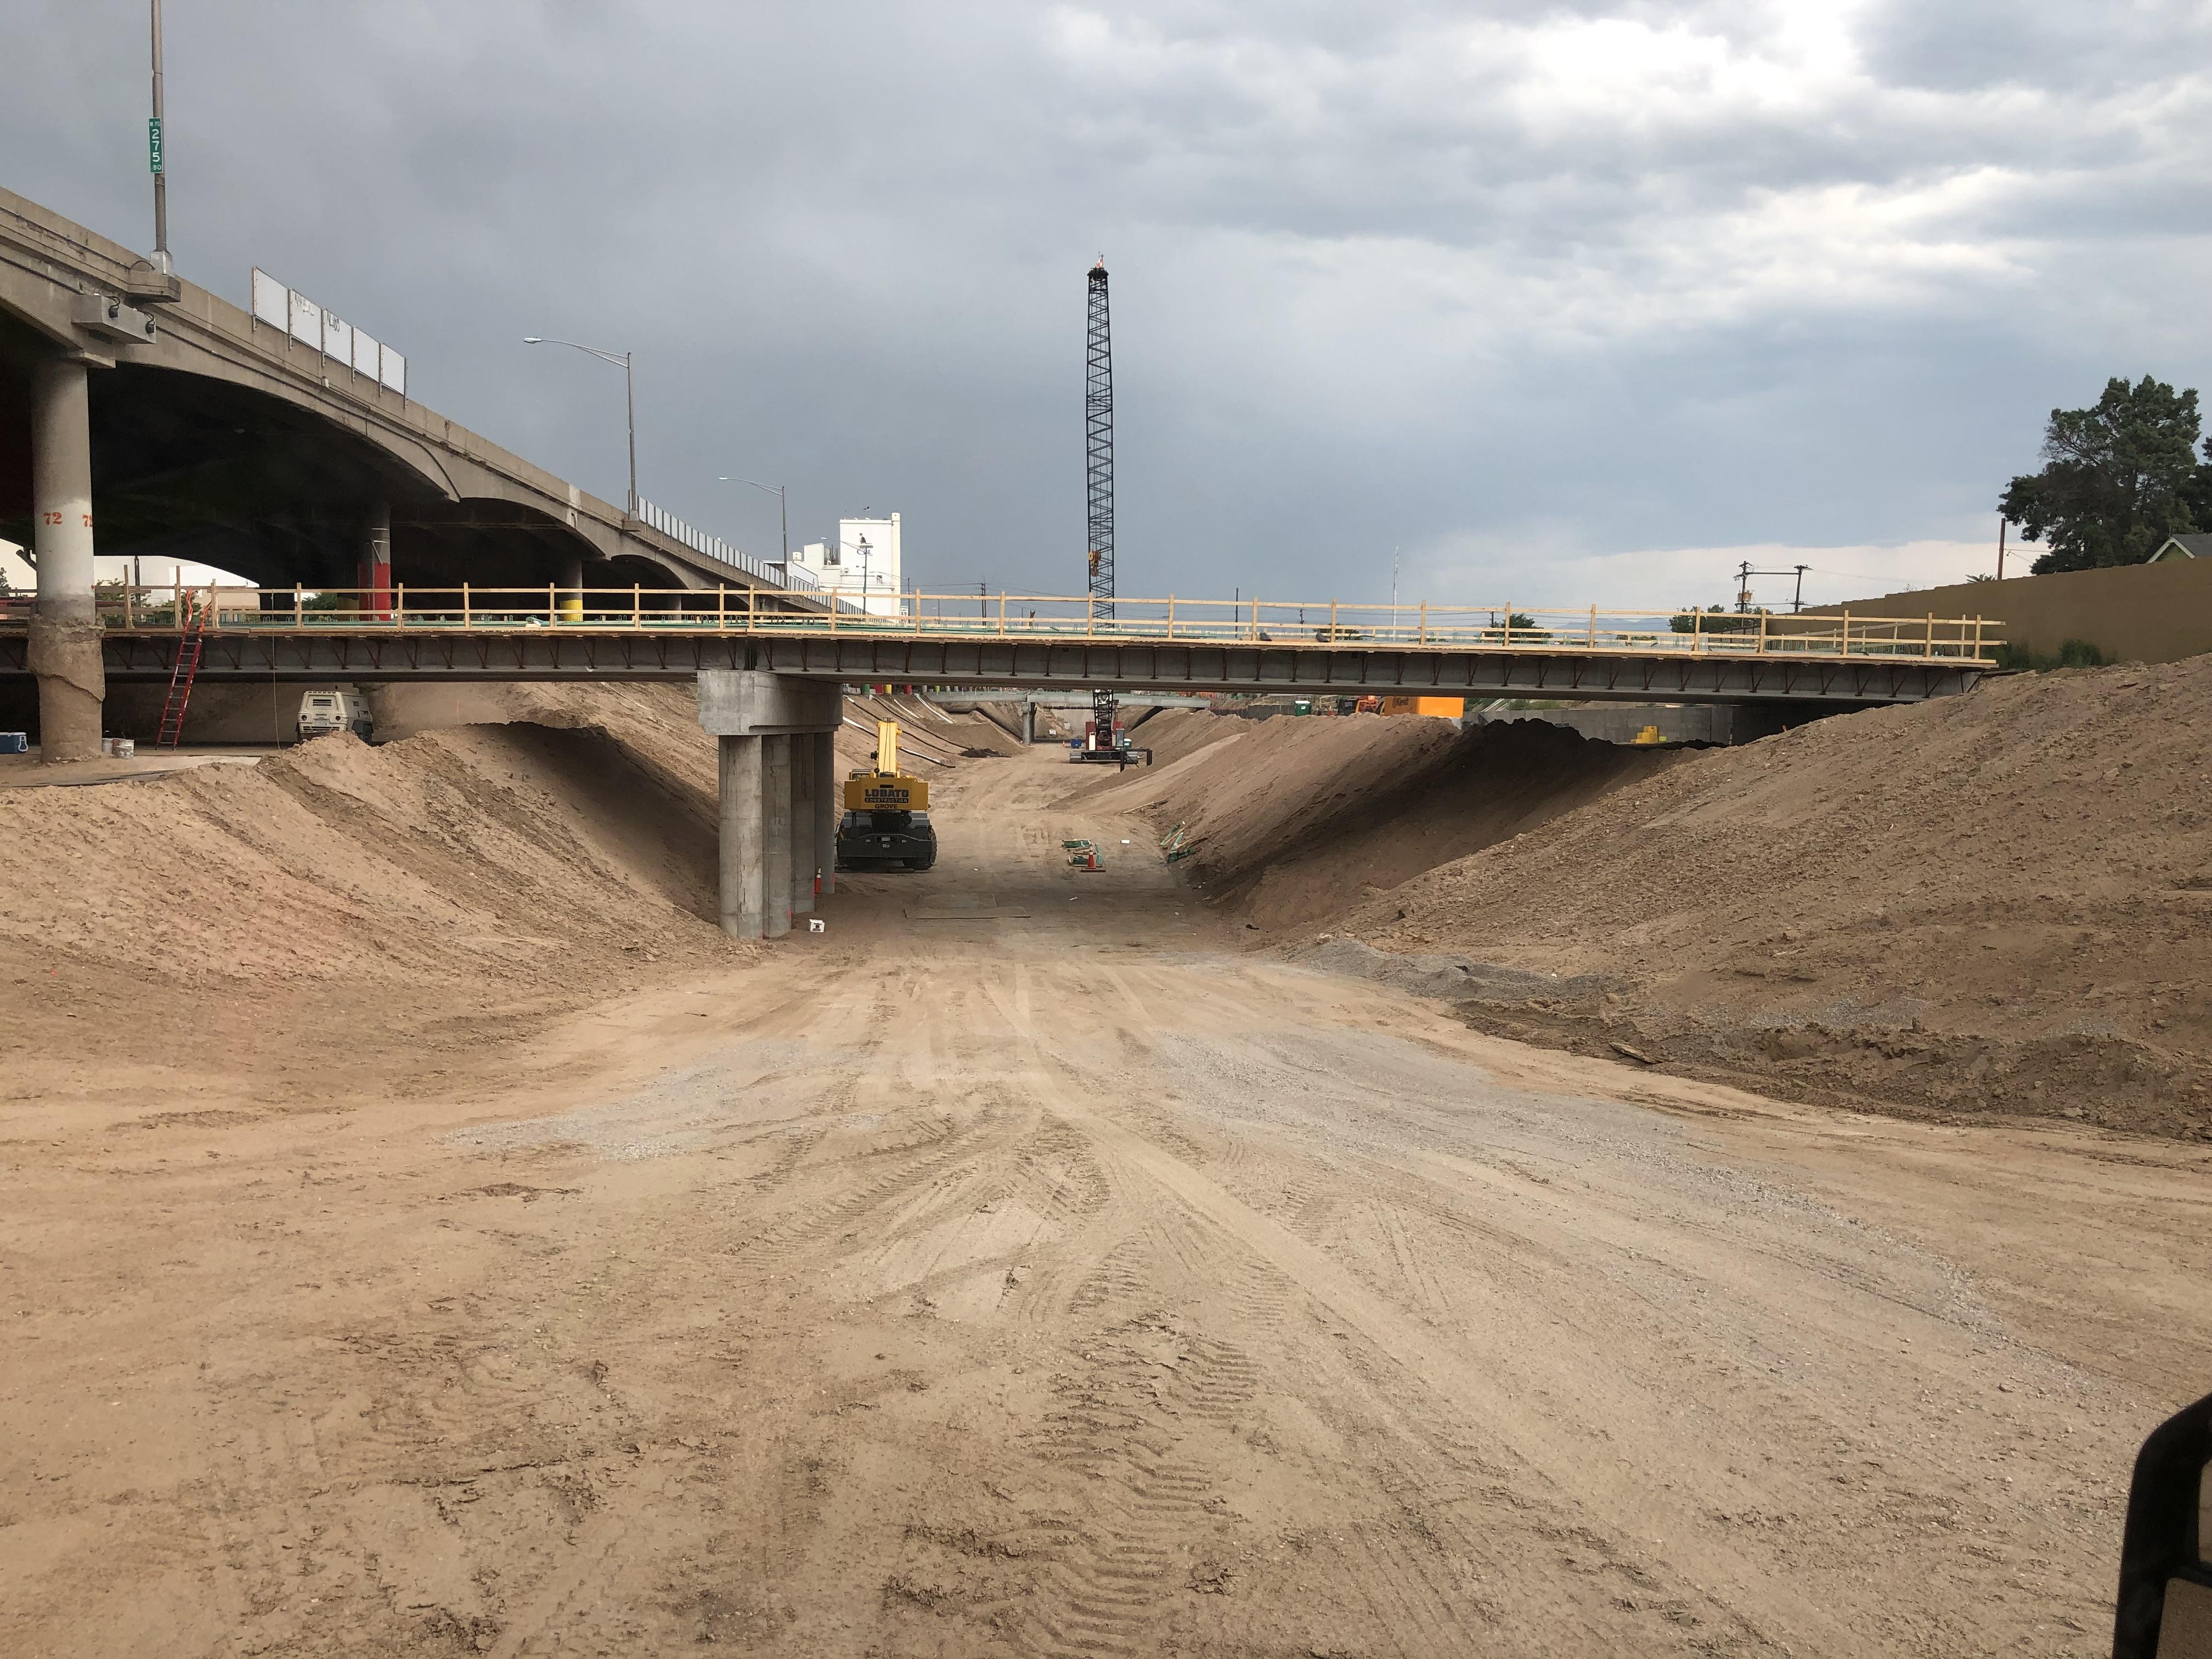 Future Clayton Street bridge detail image